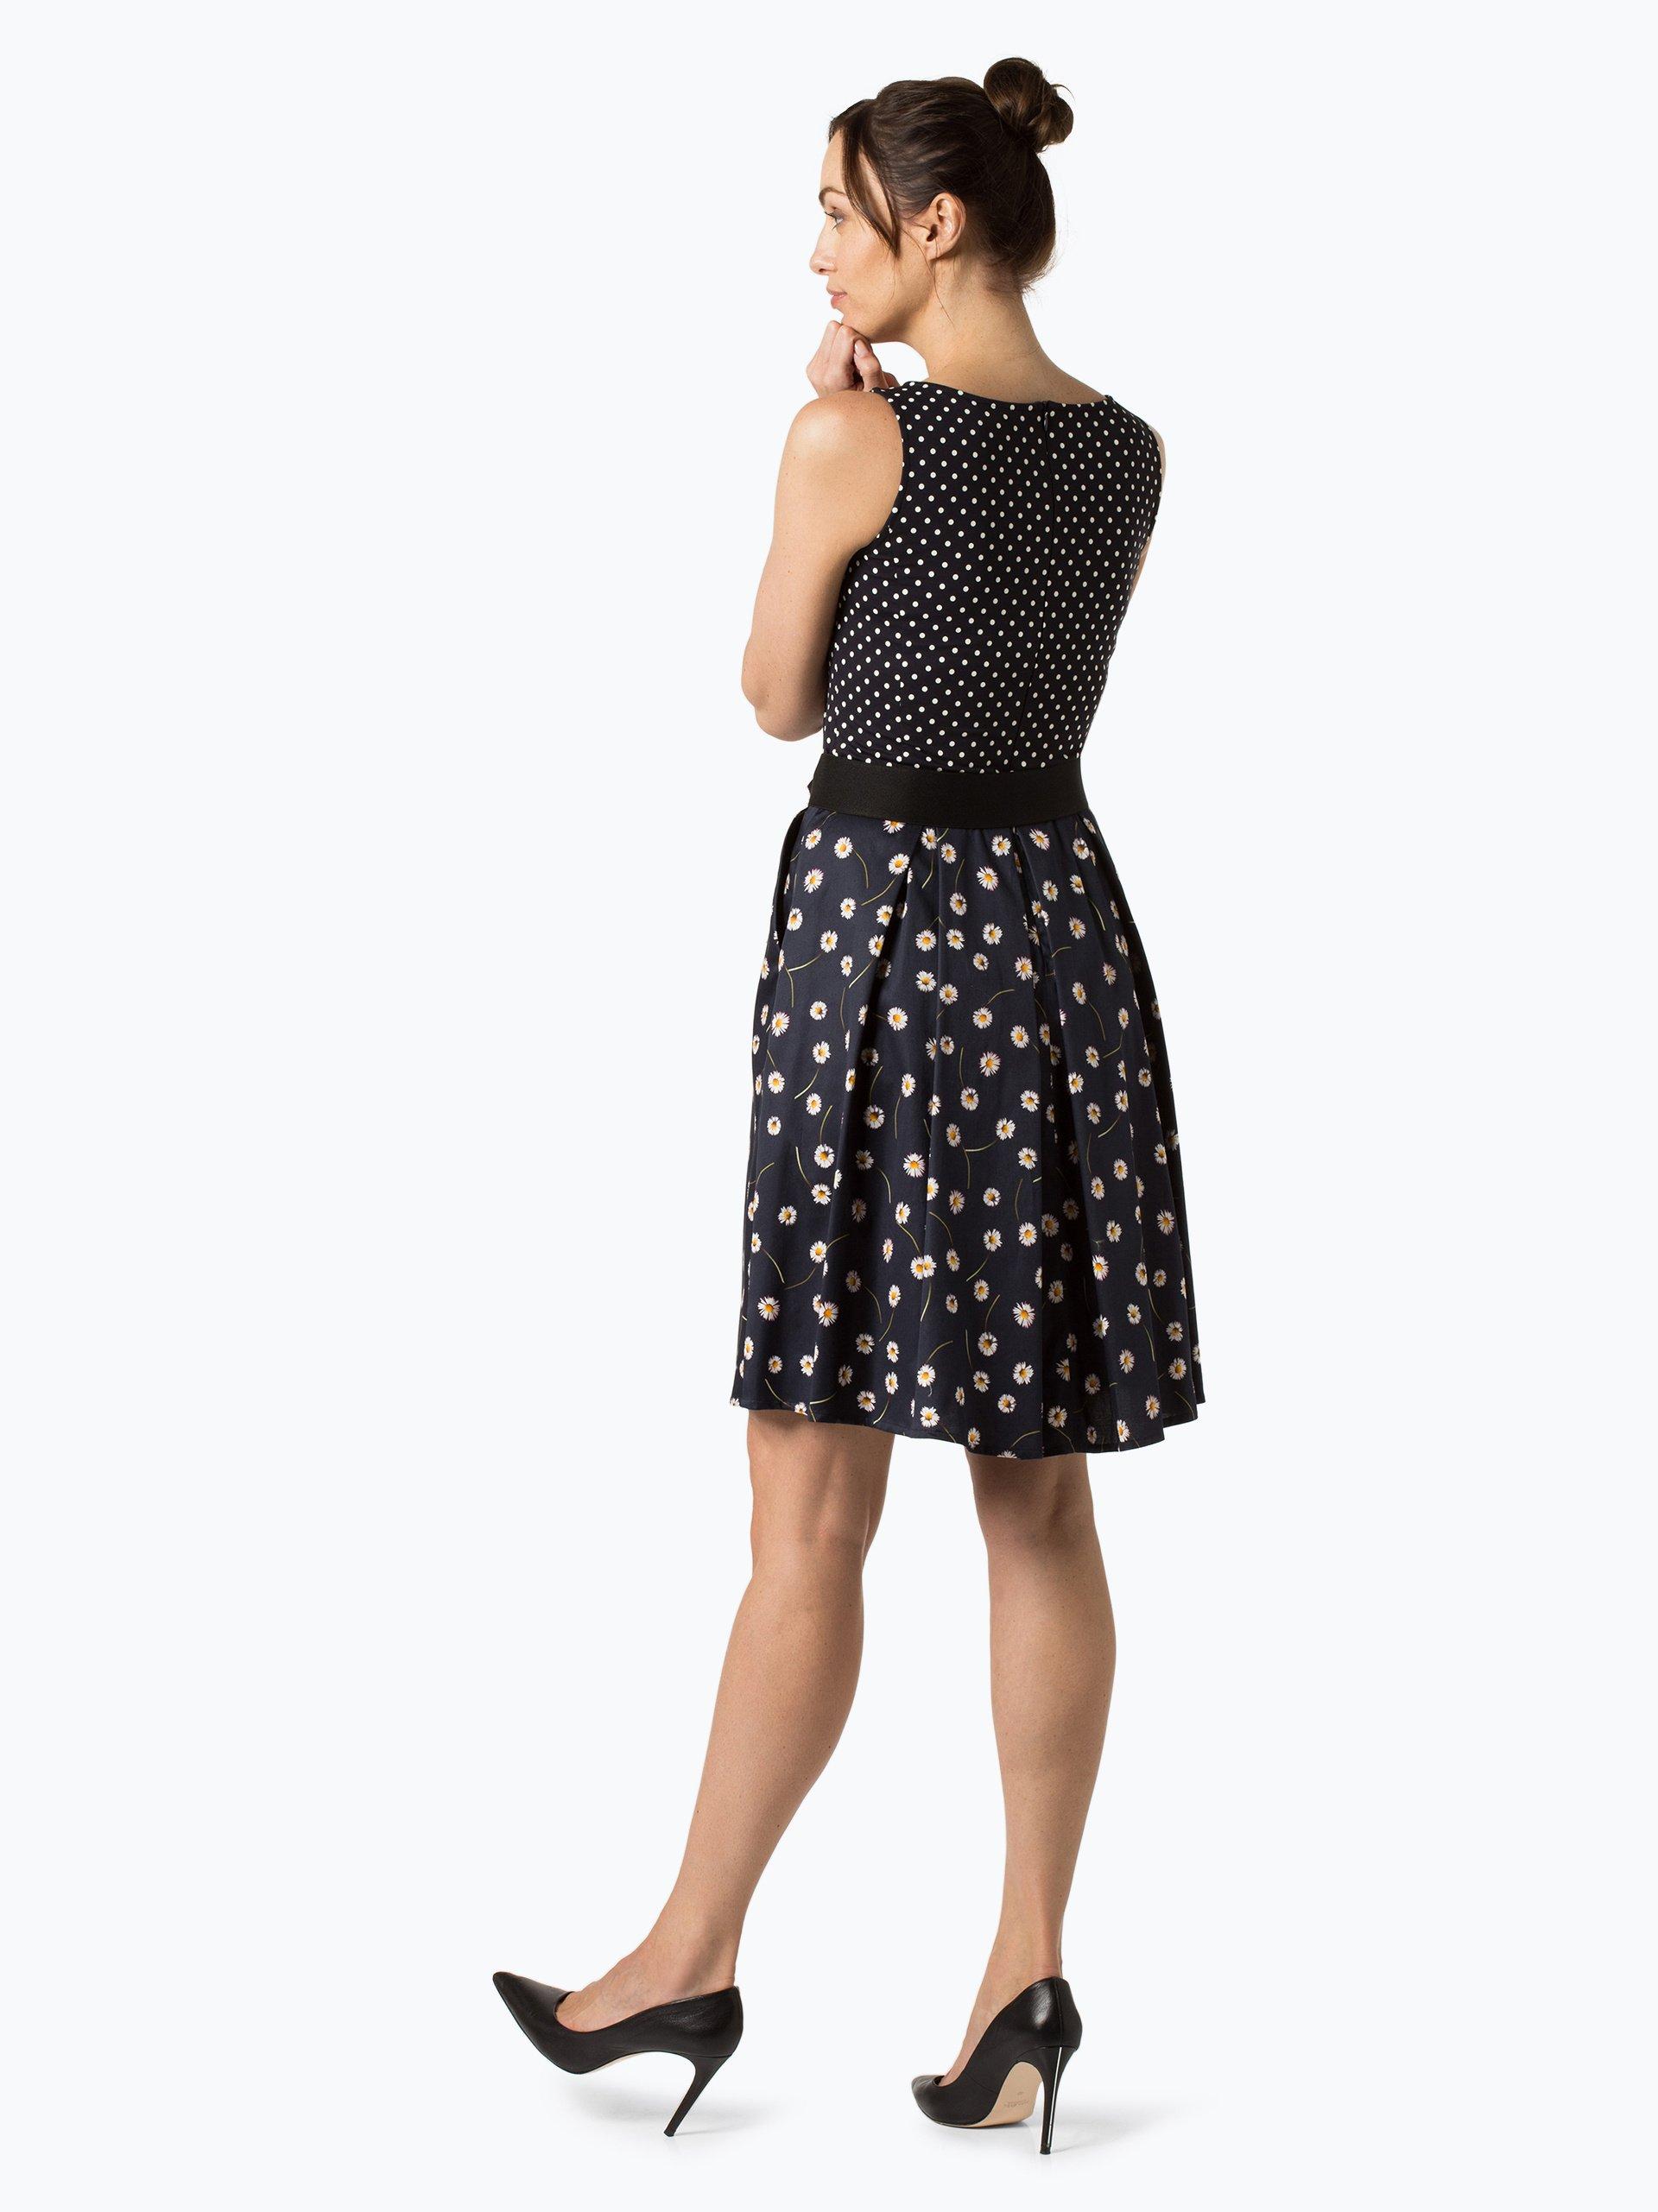 Marc Cain Additions Damen Kleid online kaufen   VANGRAAF.COM